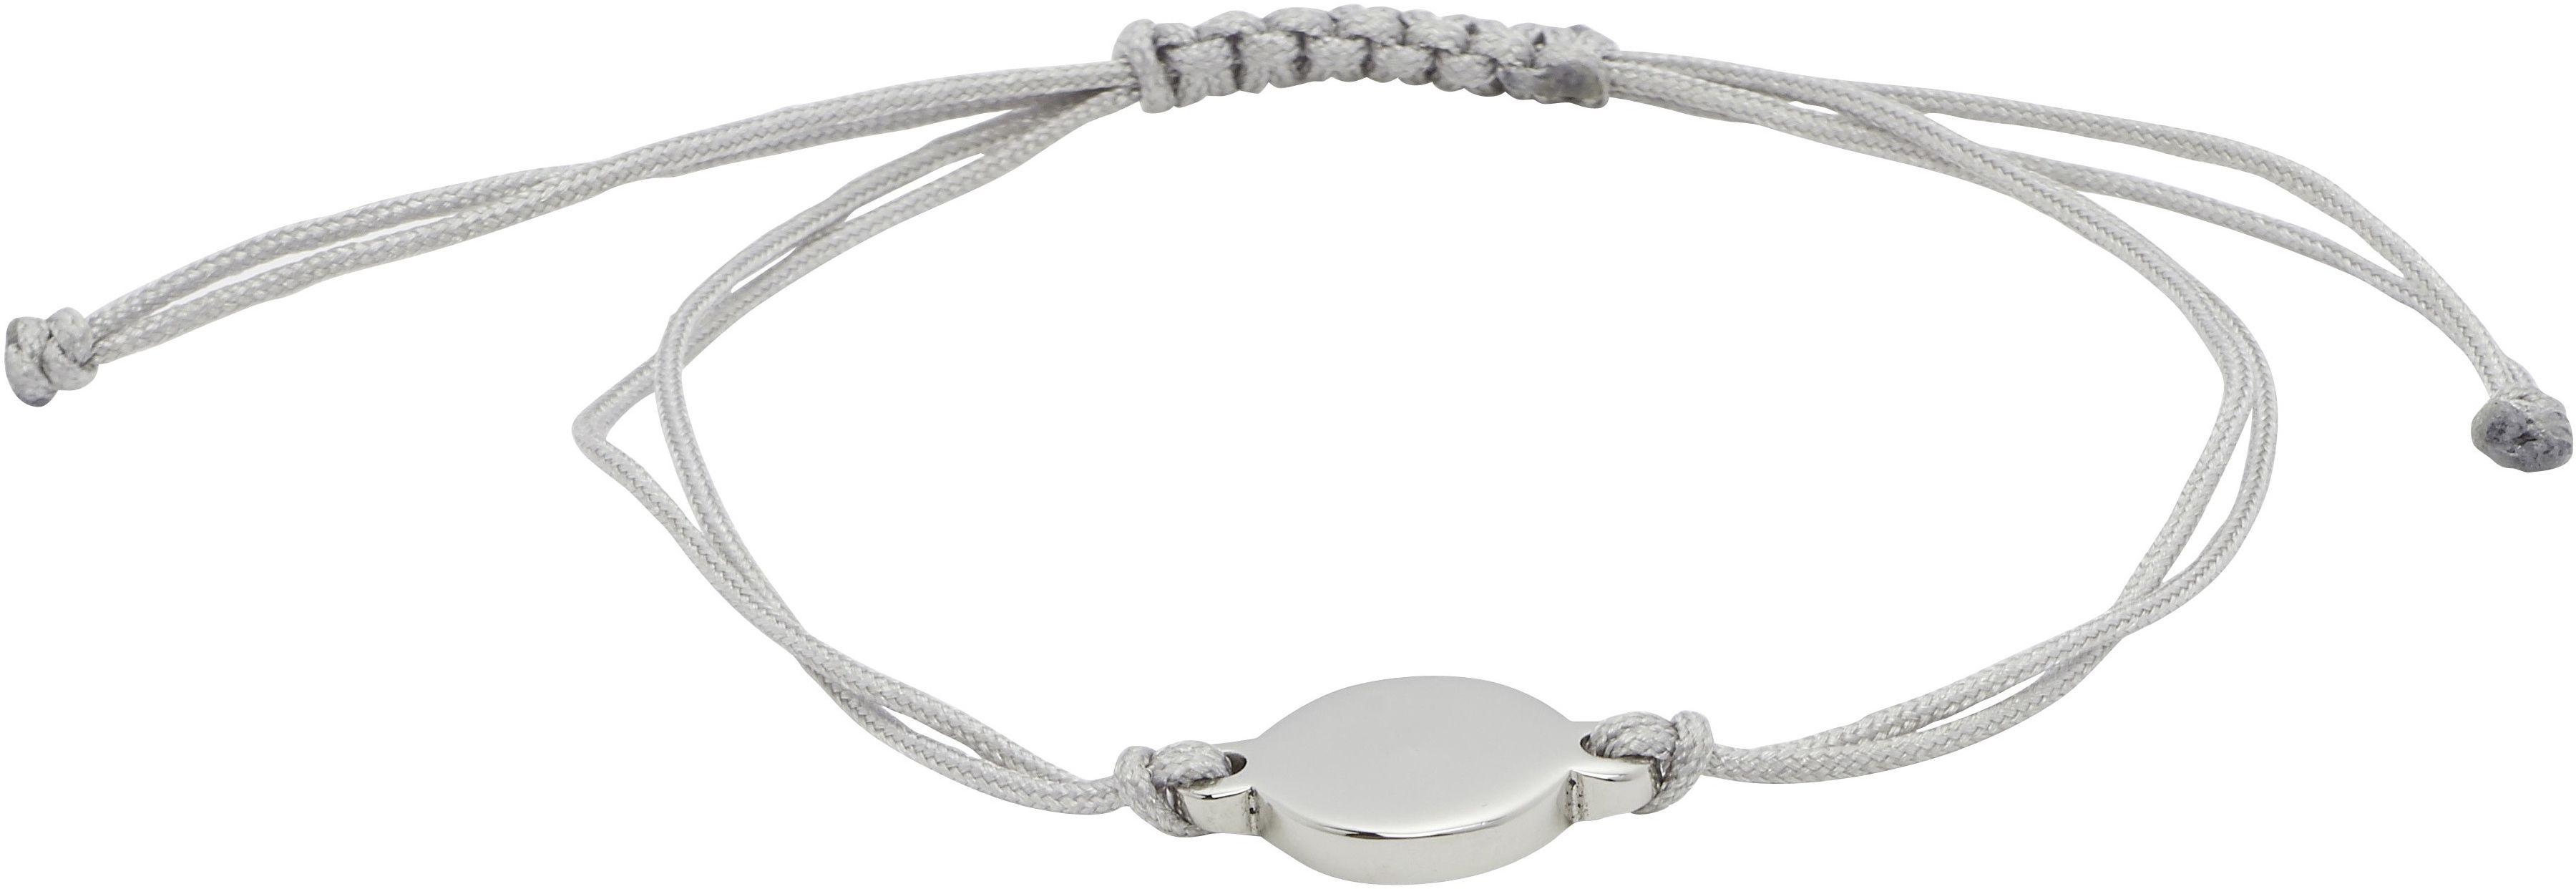 Bransoletka magnetyczna 2756-1 czarny tekstylny sznurek